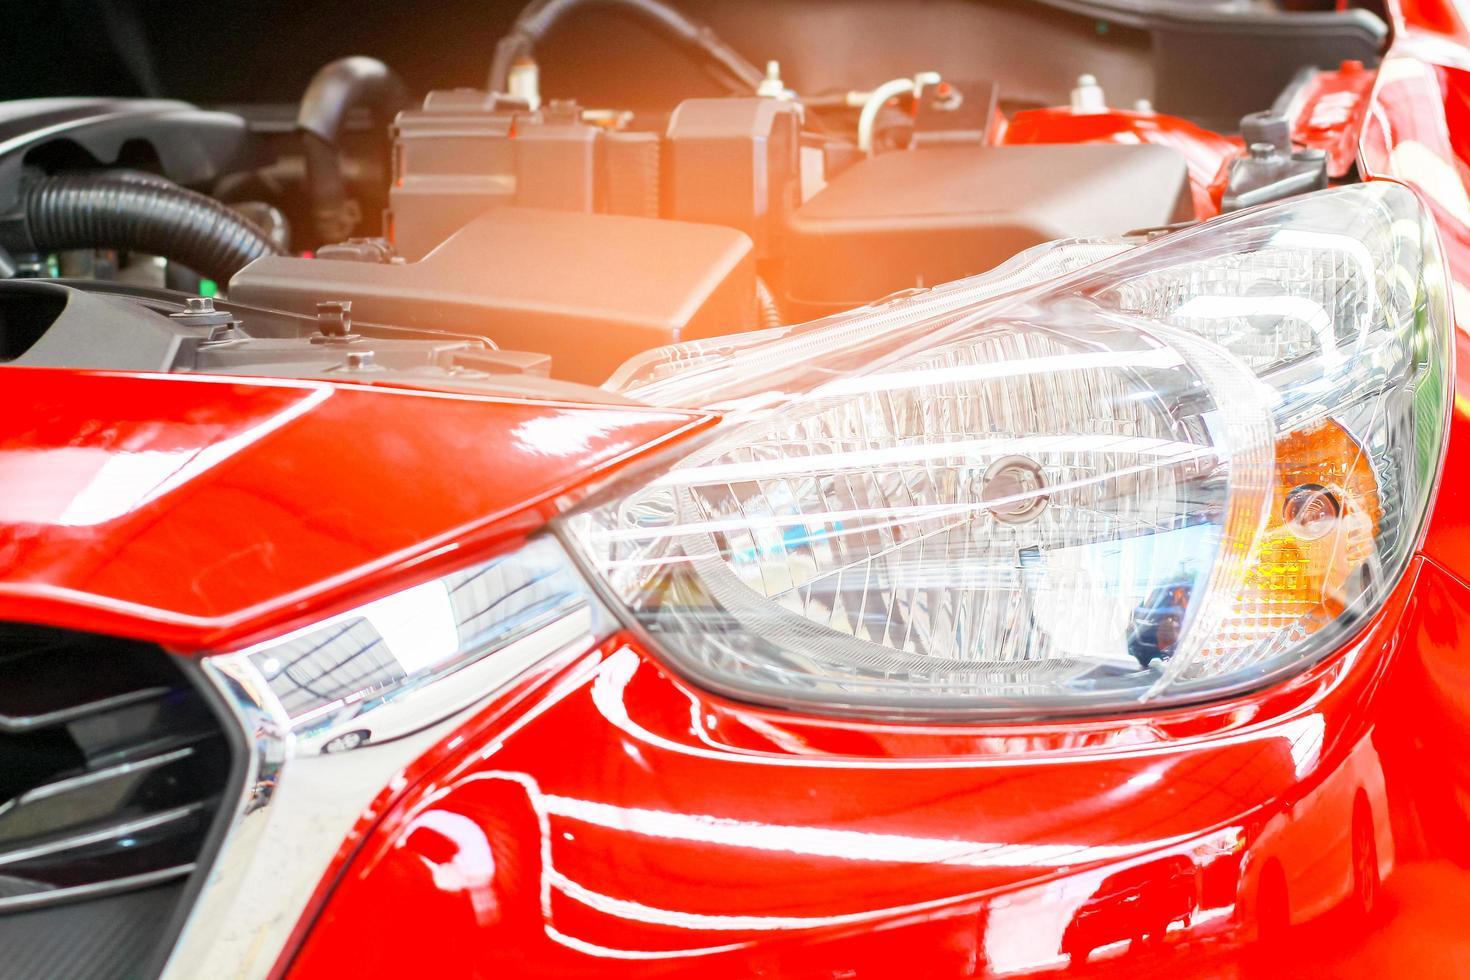 motor de um novo modelo de carro foto